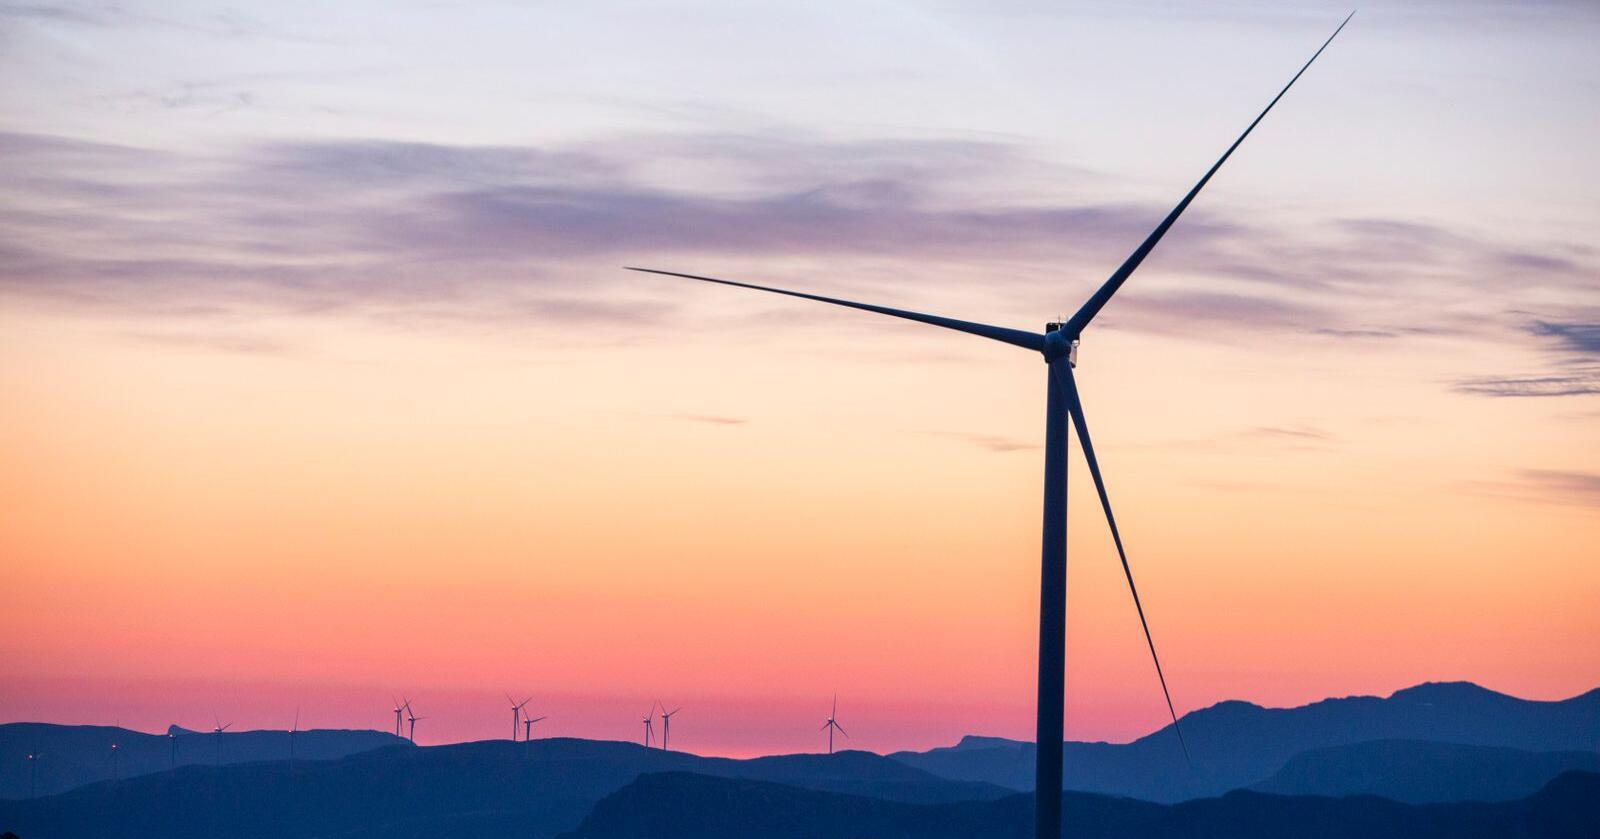 En utbyggingsboom de siste årene har fått vindkraftmotstanden i Norge til å ta seg kraftig opp. Nå skal Stortinget ta stilling til et forslag om innstramminger i konsesjonsreglene. Bildet viser Guleslettene vindpark like ved Florø. Foto: Tore Meek / NTB